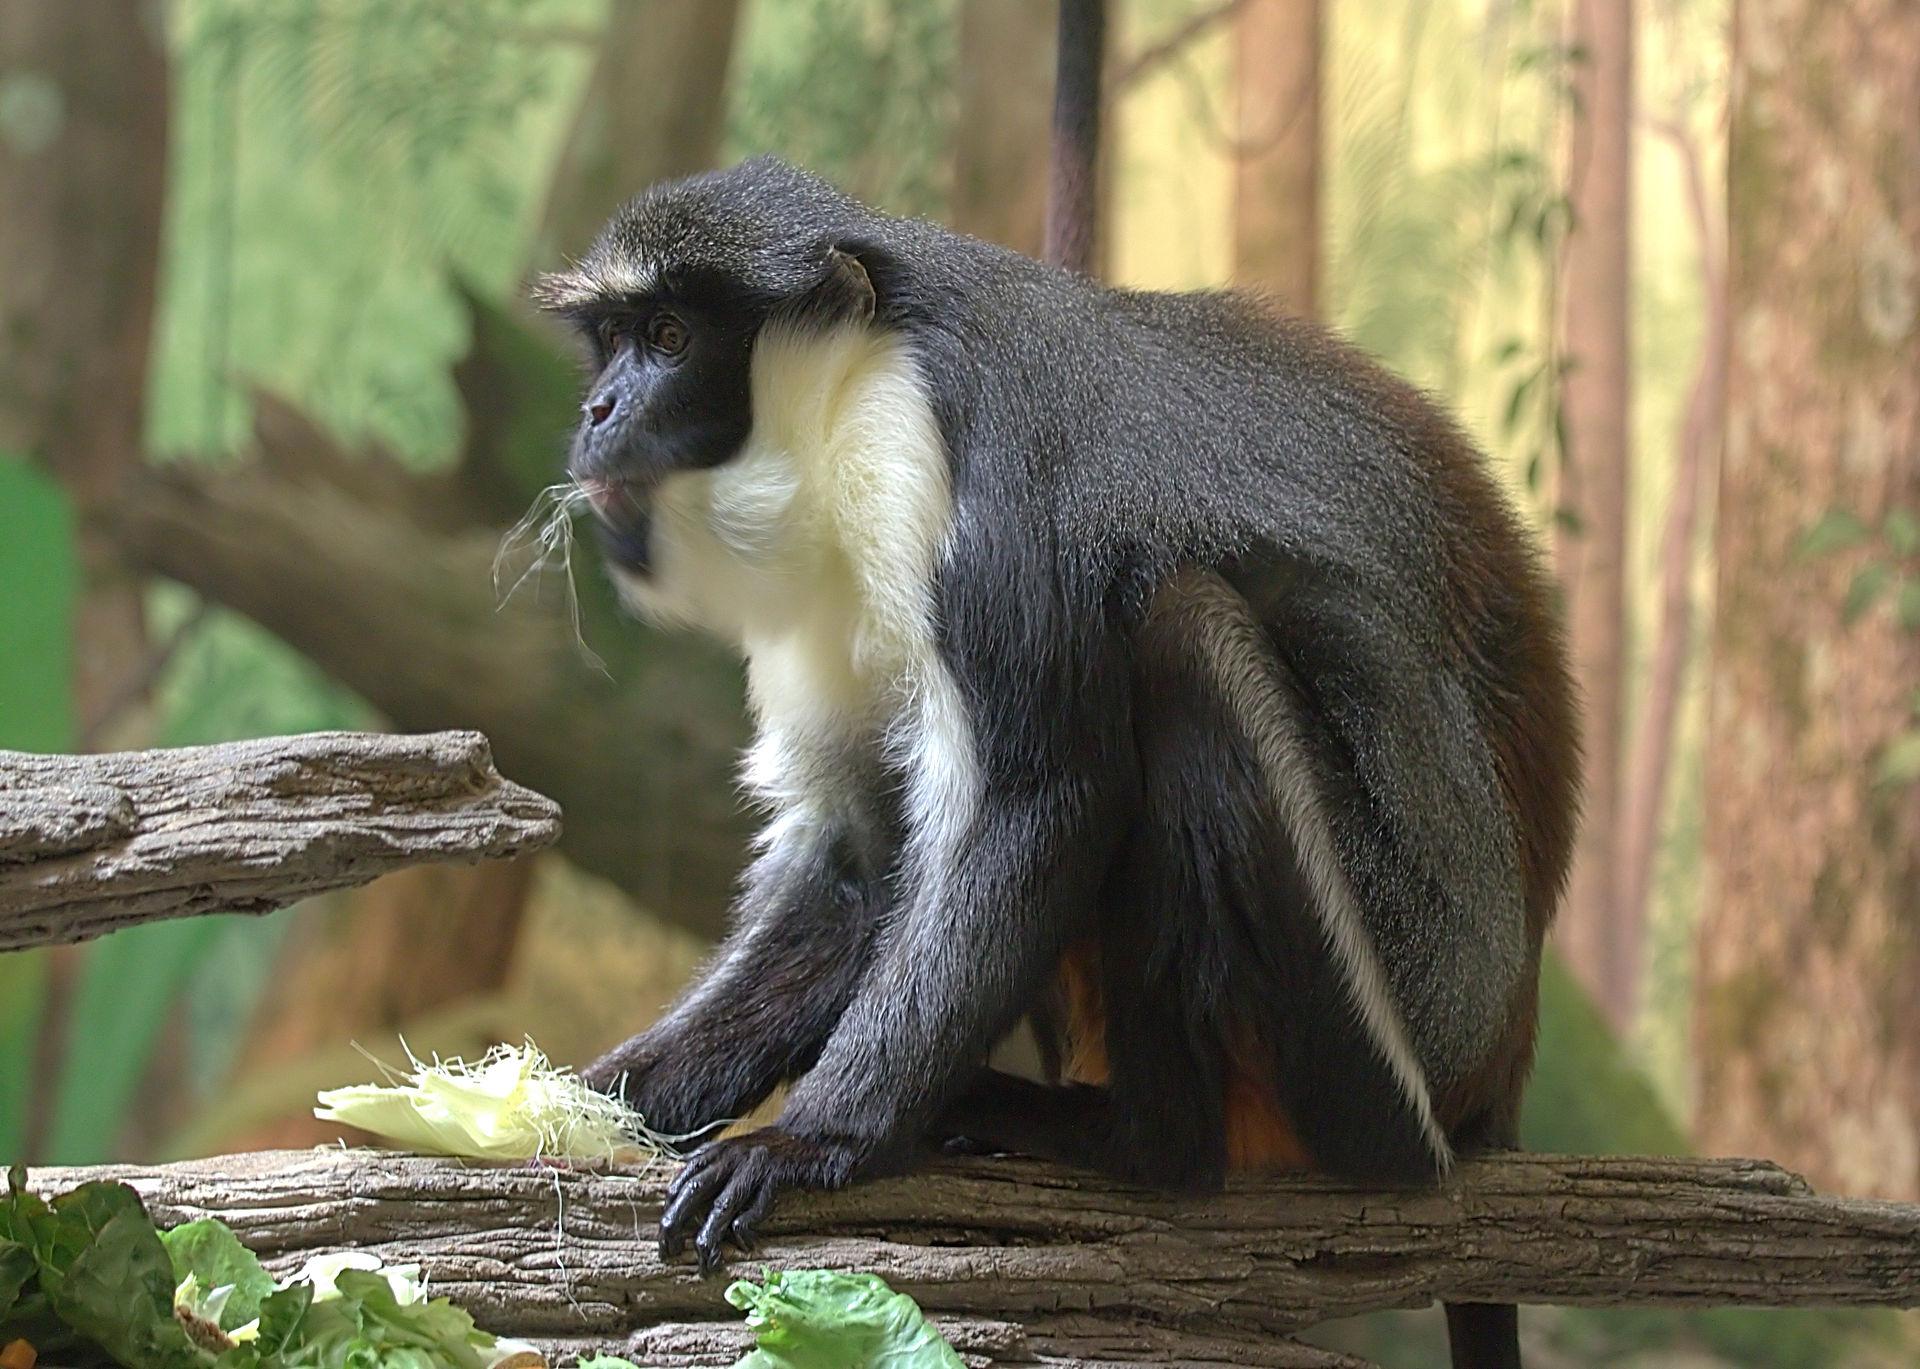 Bearded Monkey Name: Diana Monkey